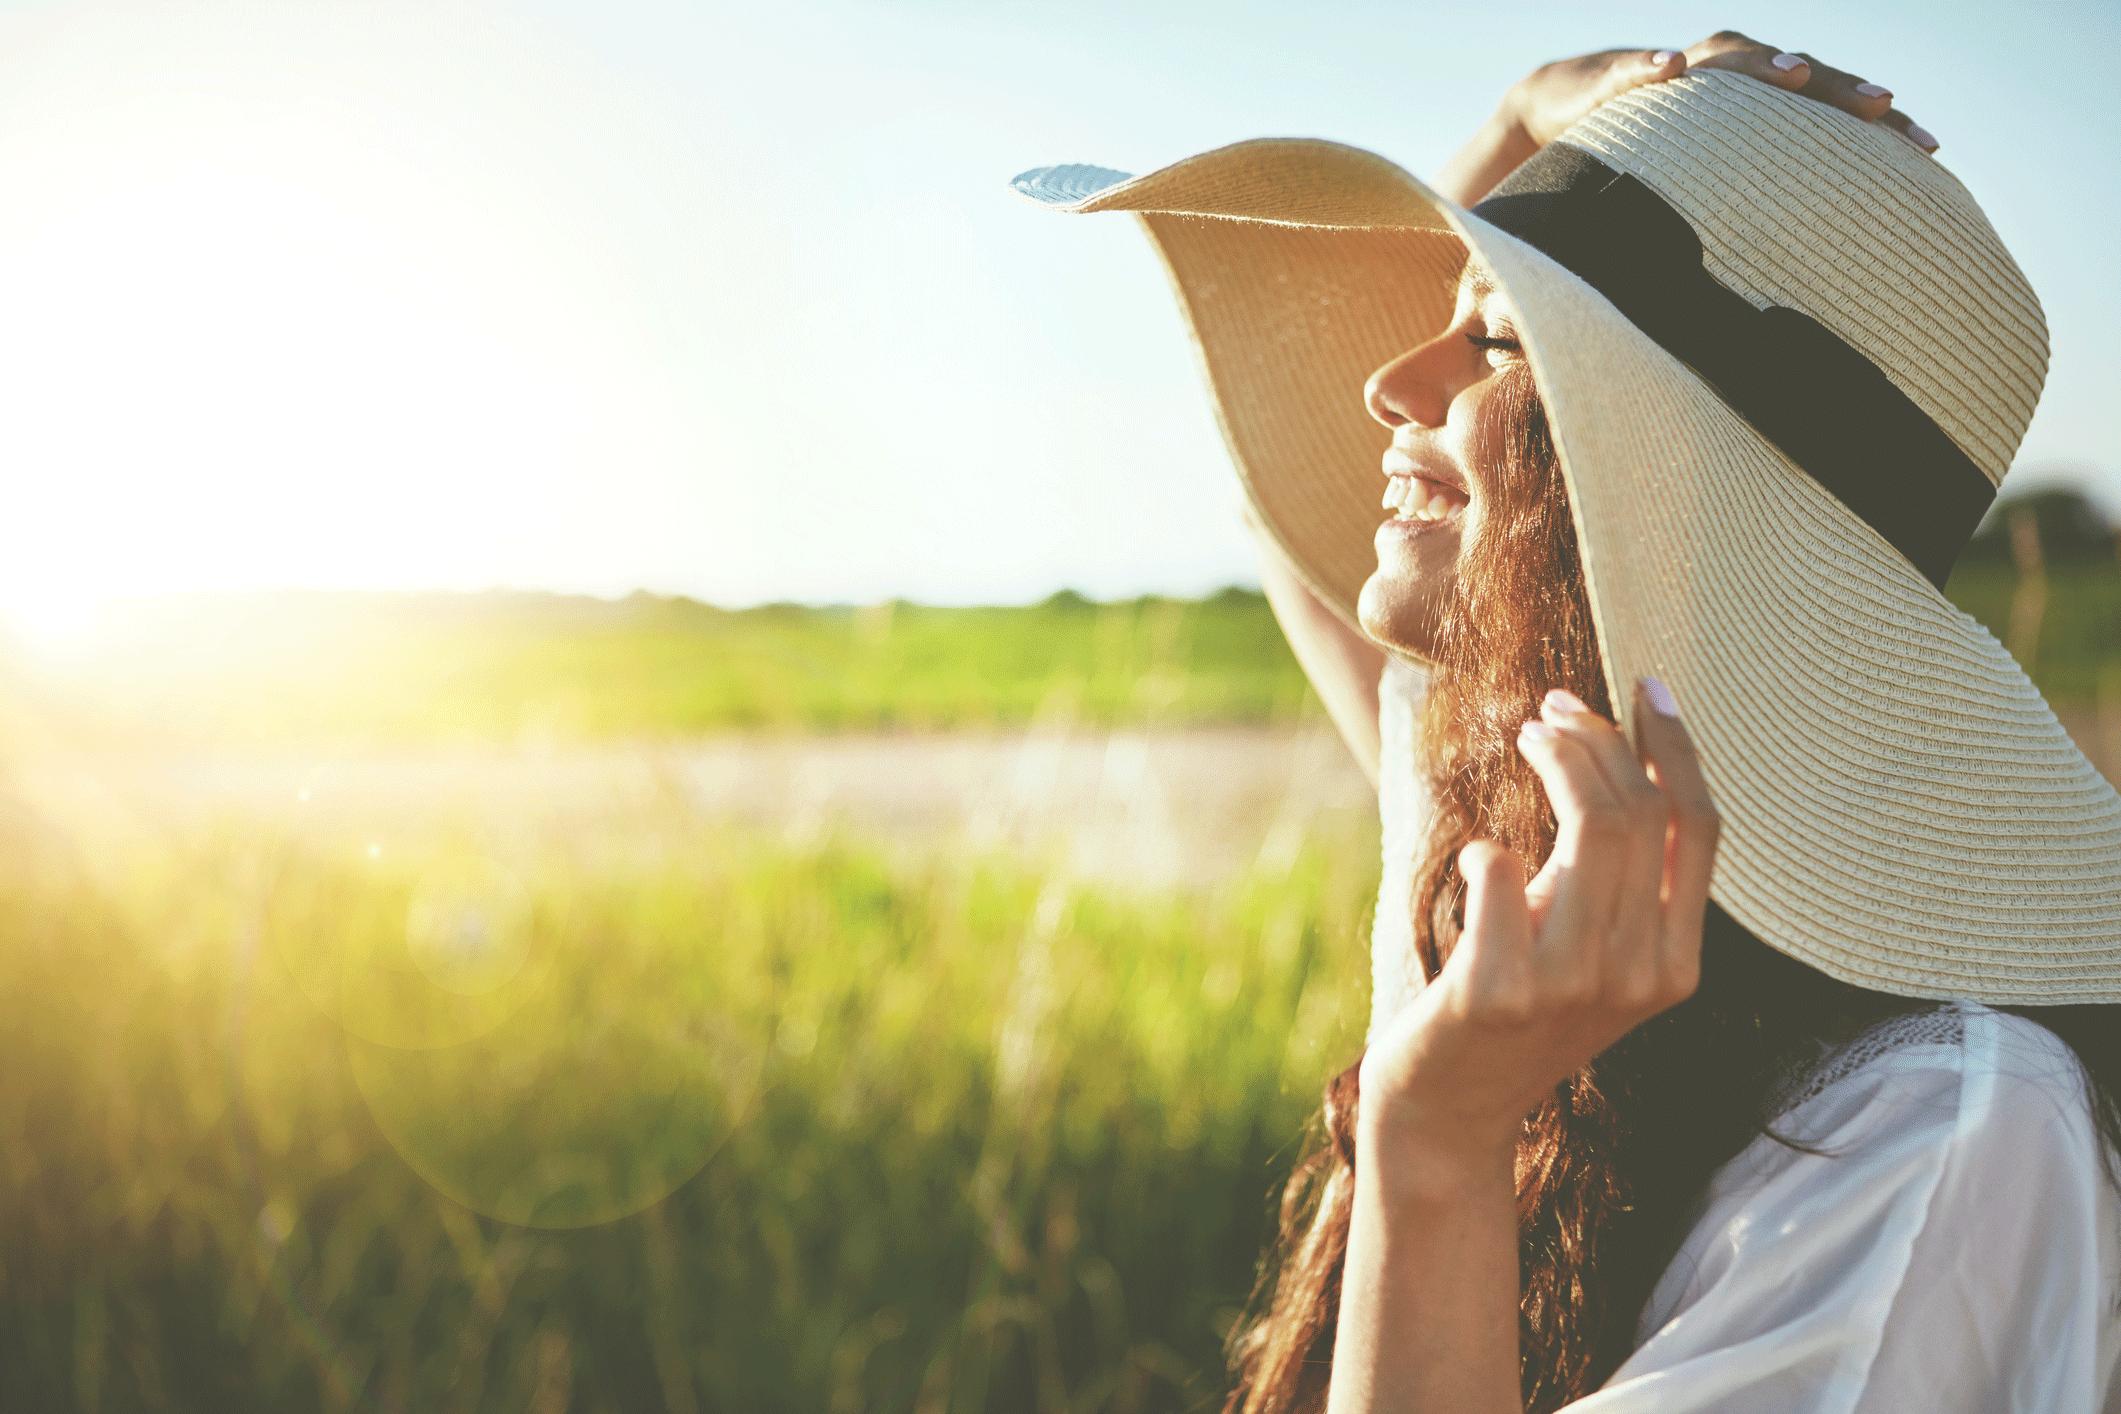 اشعة الشمس المصدر الرئيسي لفيتامين د